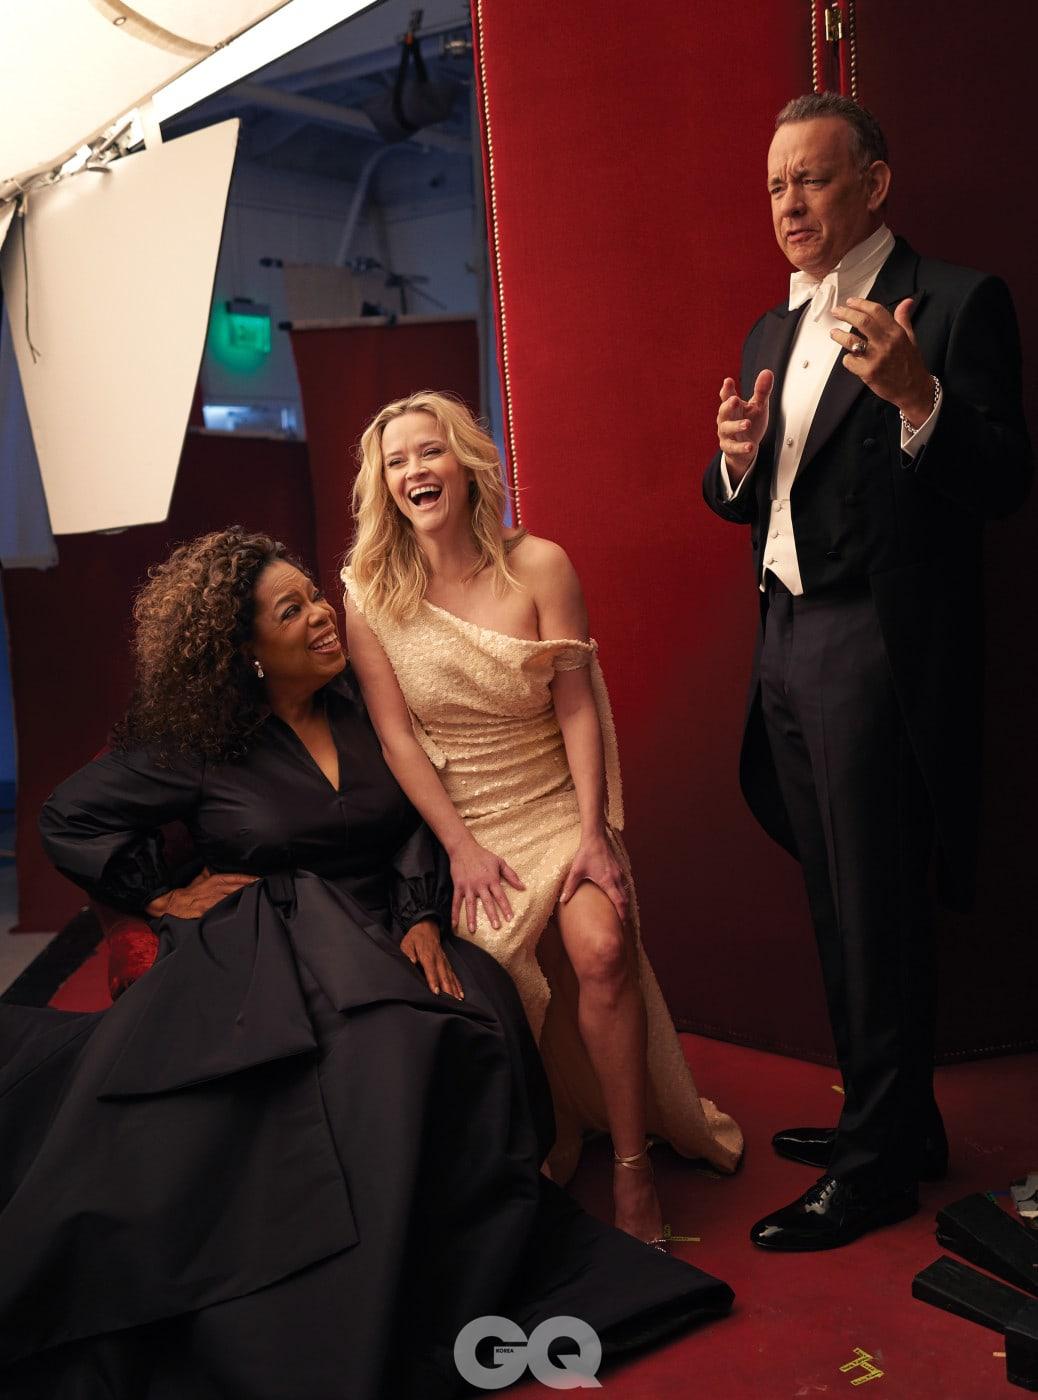 리즈 위더스푼의 드레스는 캘빈클라인, 구두는 아쿠아주라, 톰 행크스의 의상은 모두 랄프 로렌, 커프링크스는 스테픈 러셀.